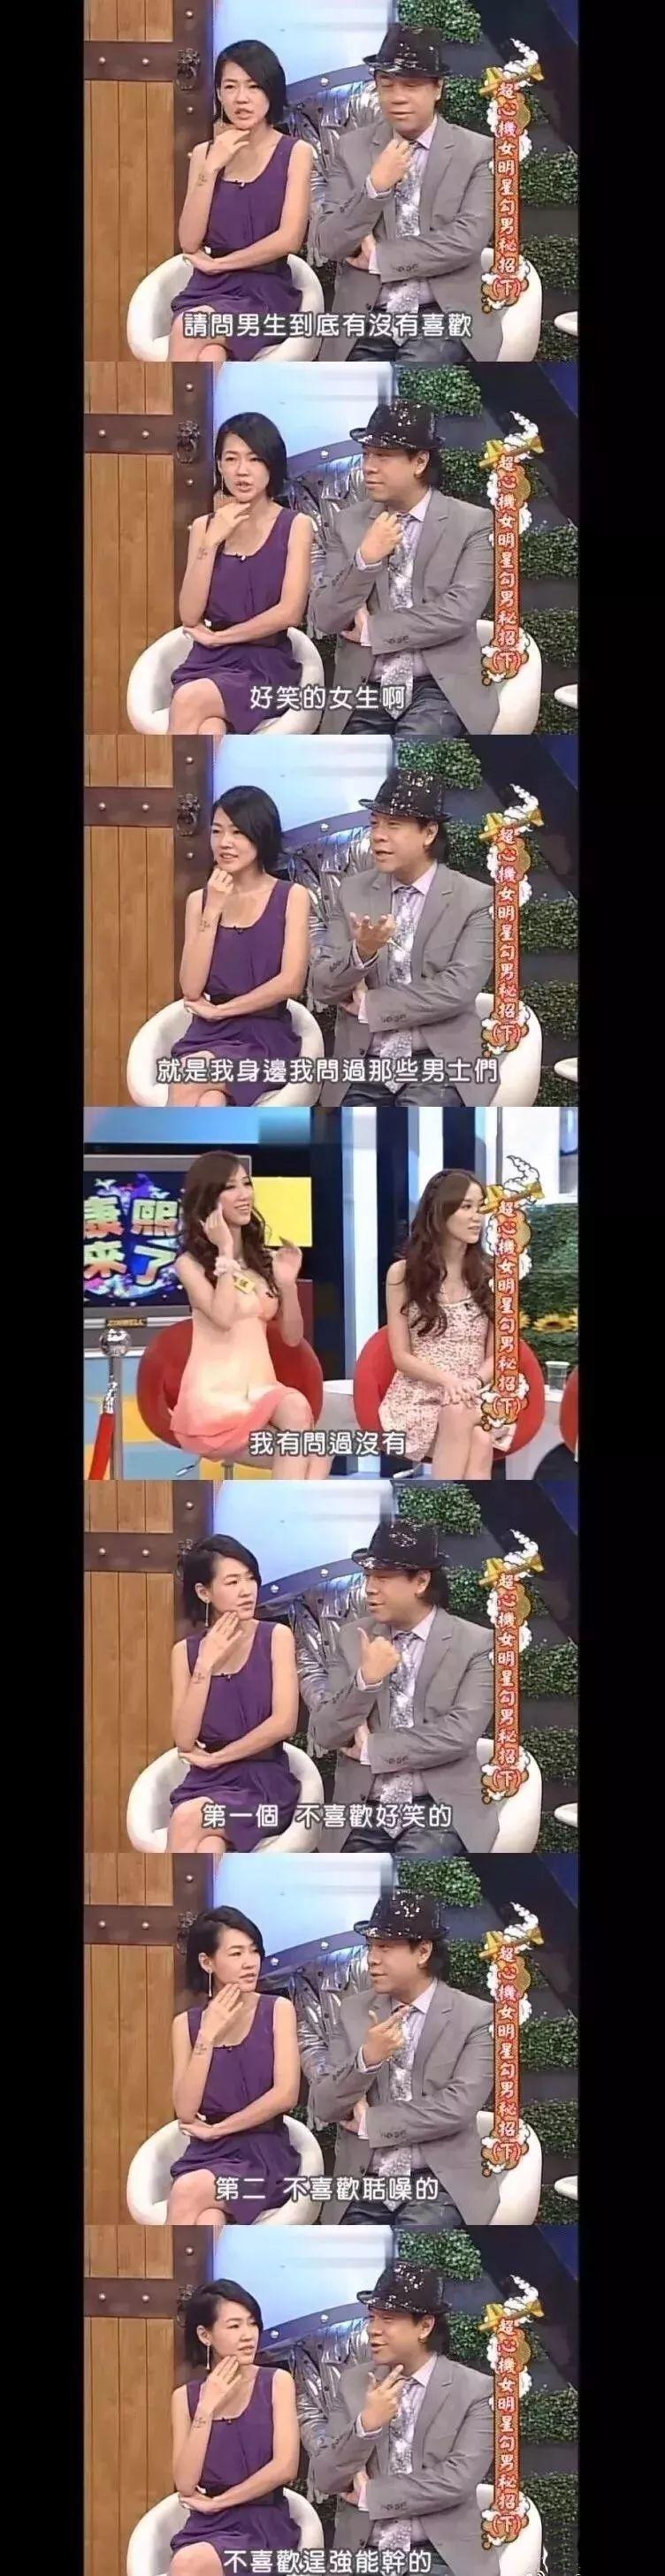 """因""""丑""""走红的Hold住姐谢依霖结婚:越有趣的女孩,越容易嫁得幸福!"""